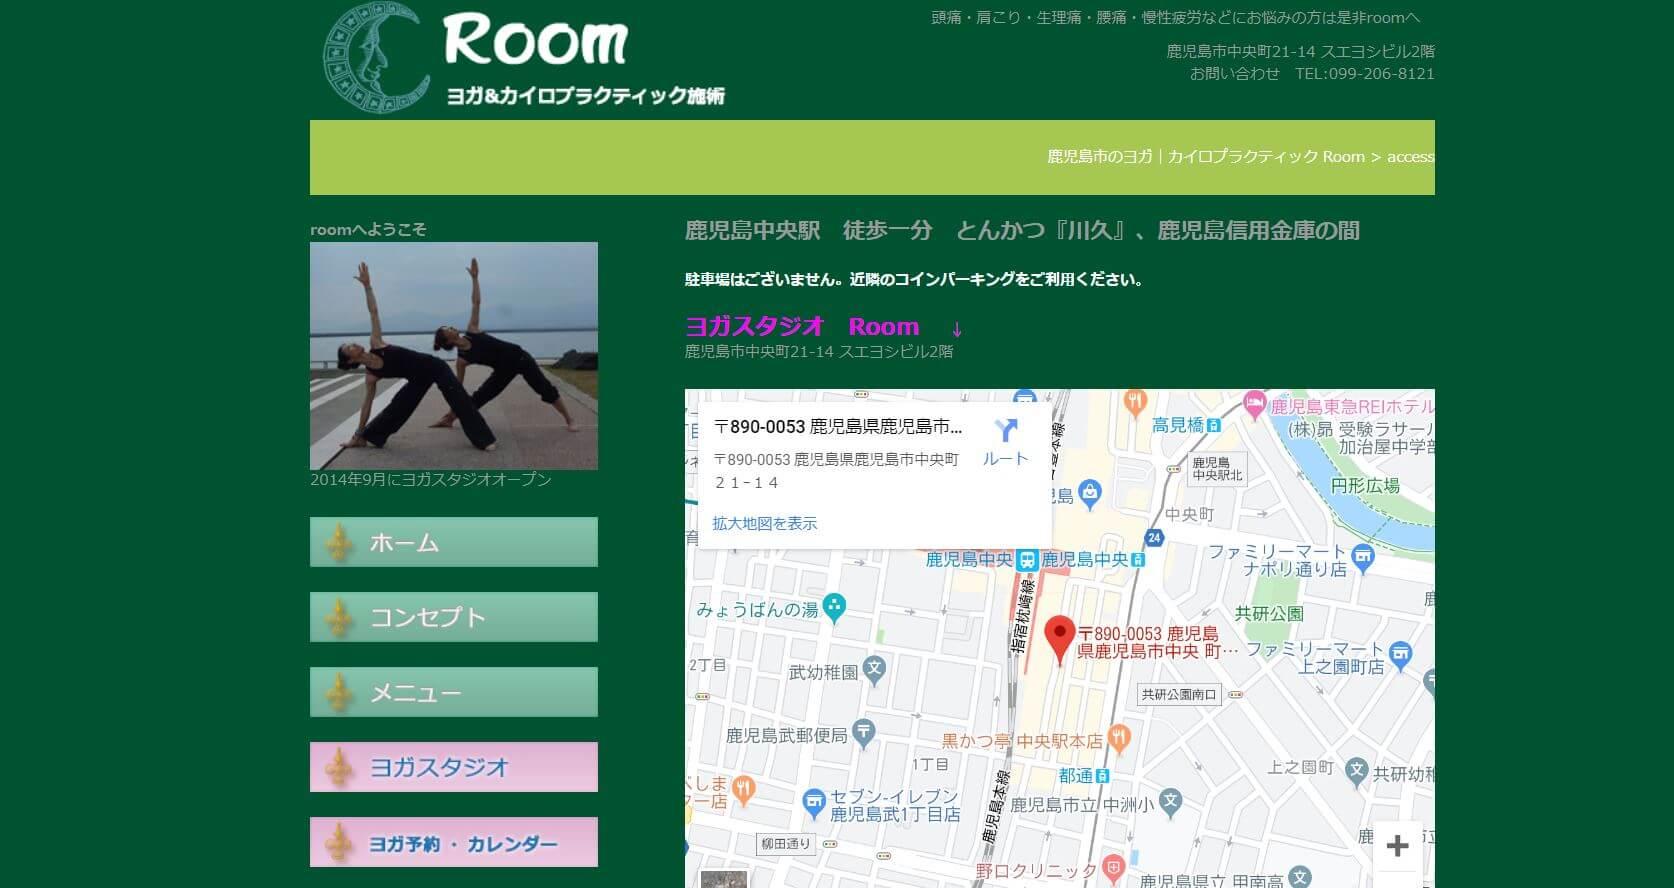 ヨガスタジオ Room